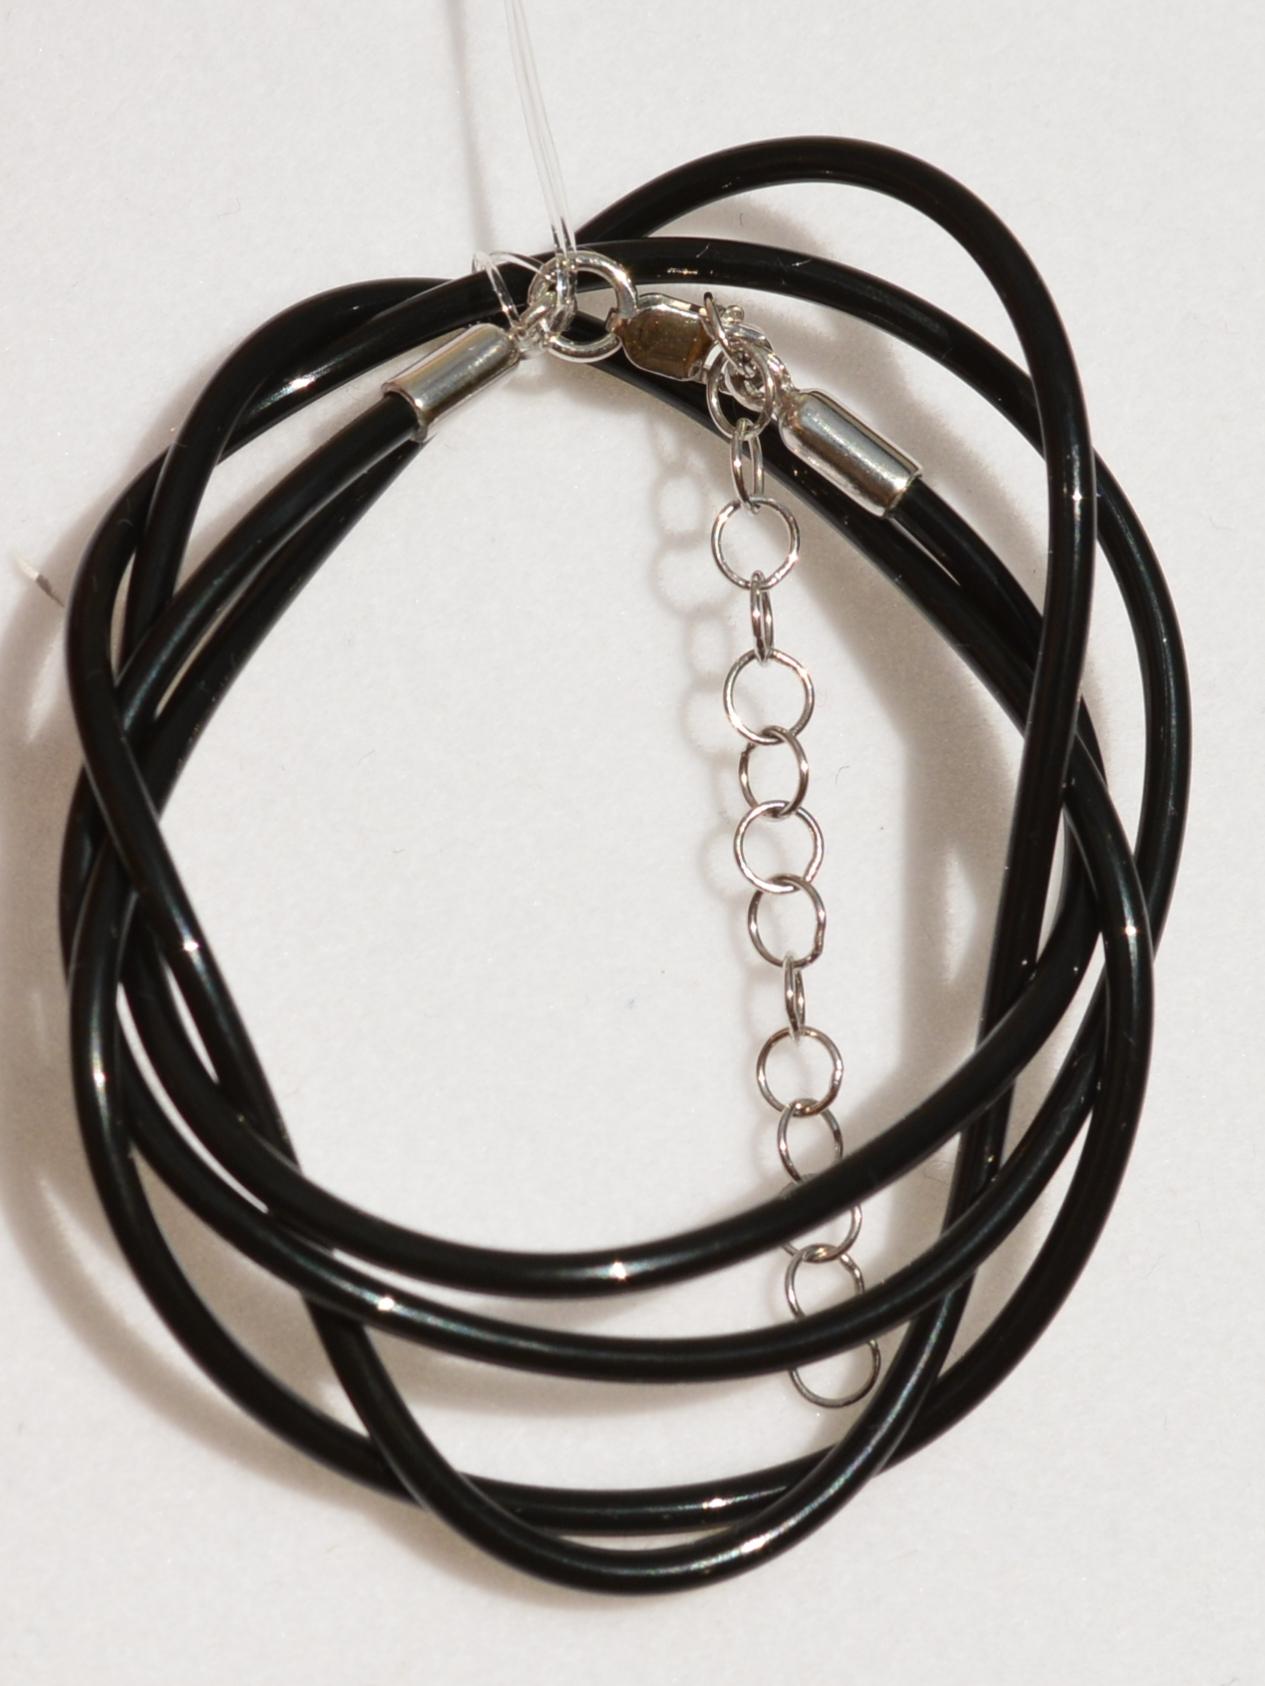 Шнурок из силикона 0,2 см. (с серебряной застежкой).